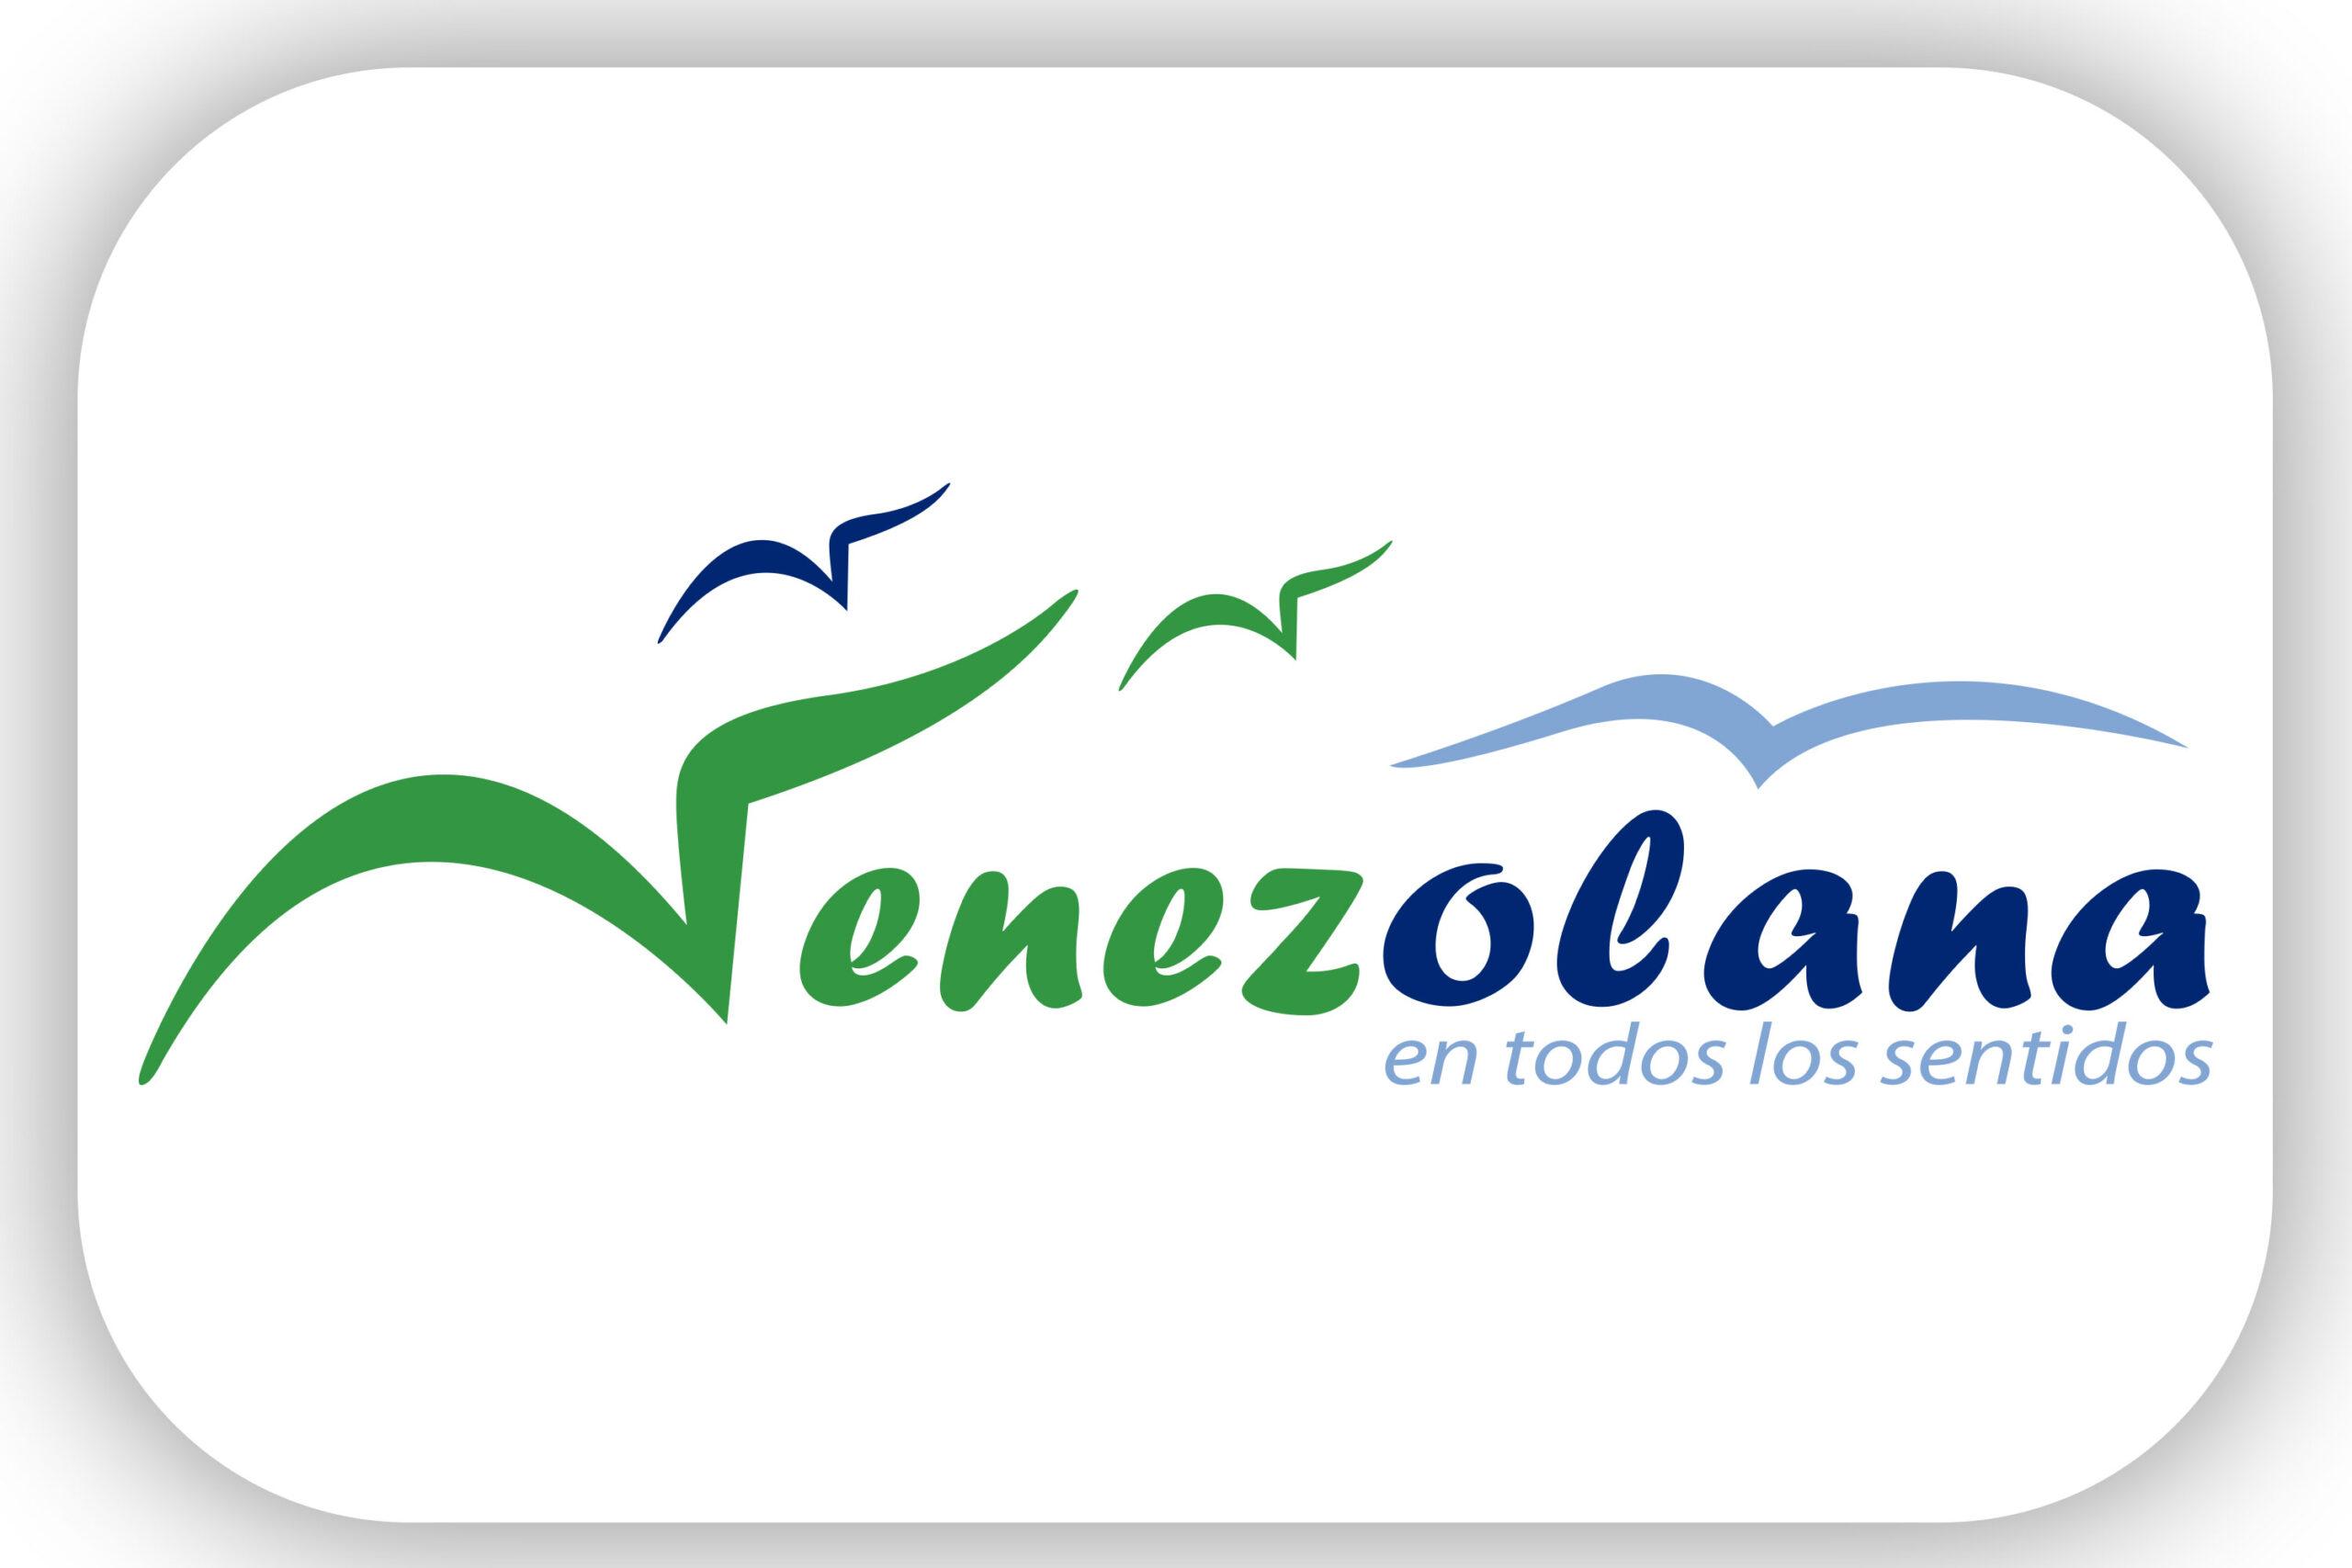 aerolinea-la-venezolana